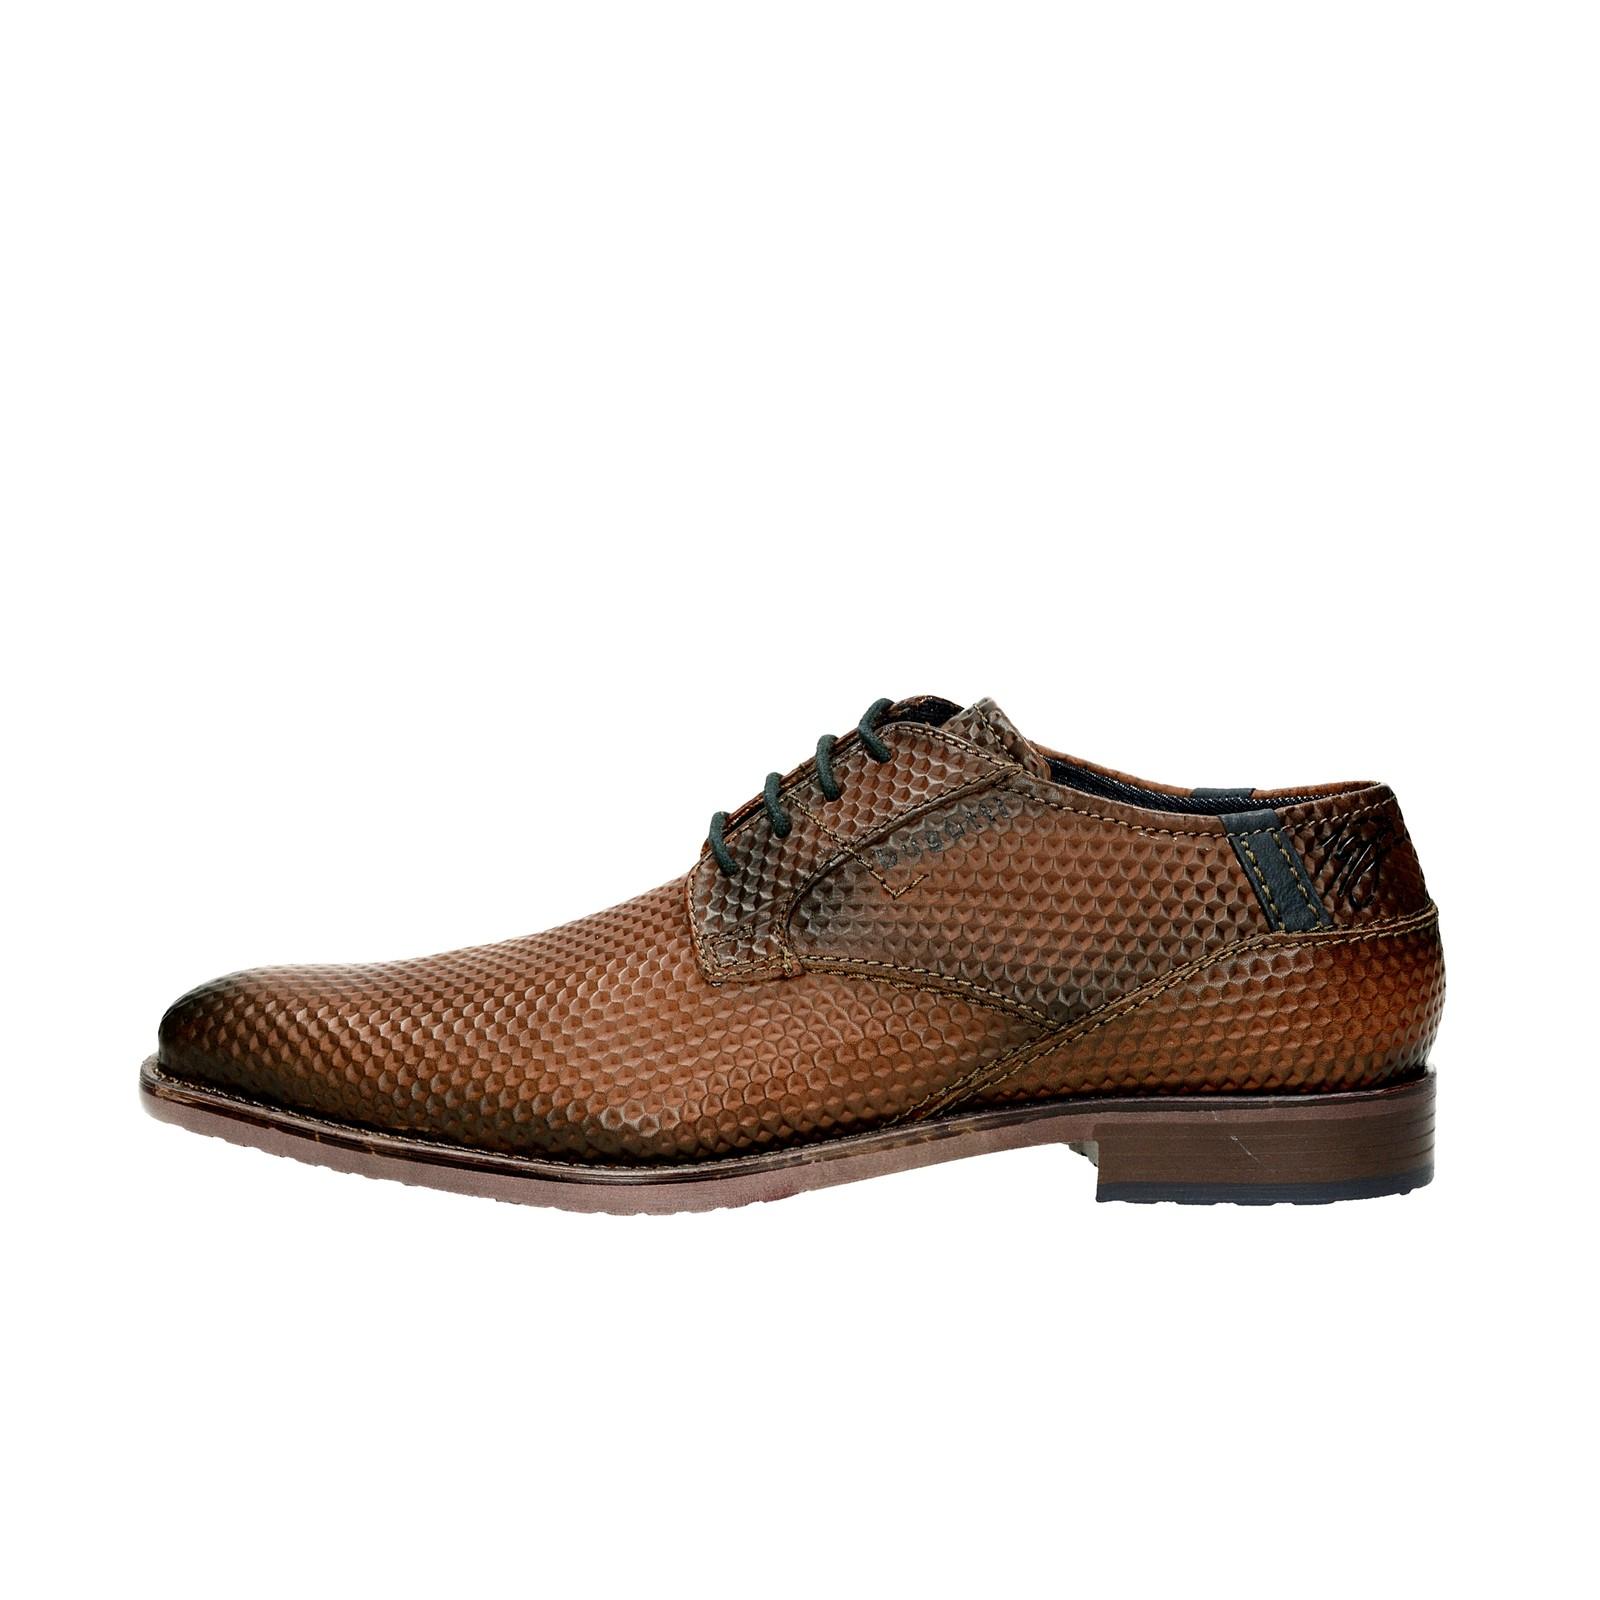 215844a3a33 ... Bugatti pánské společenské kožené boty - hnědé ...